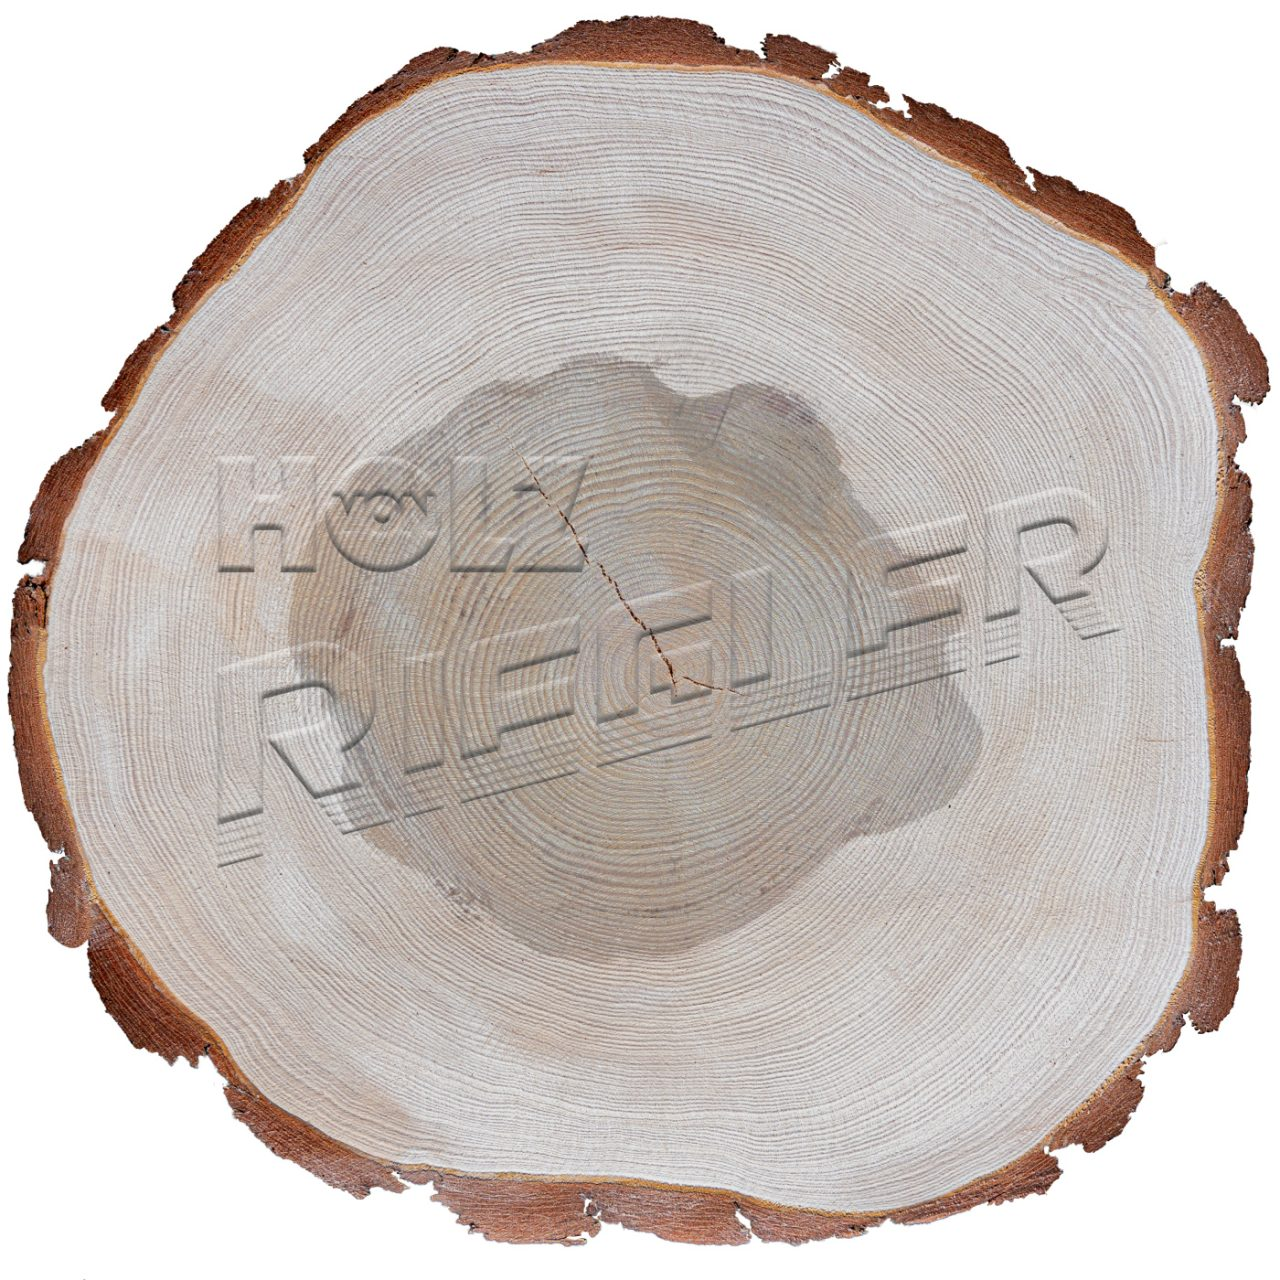 Kiefer Scheibe Holz Riegler mit Logo-02-20